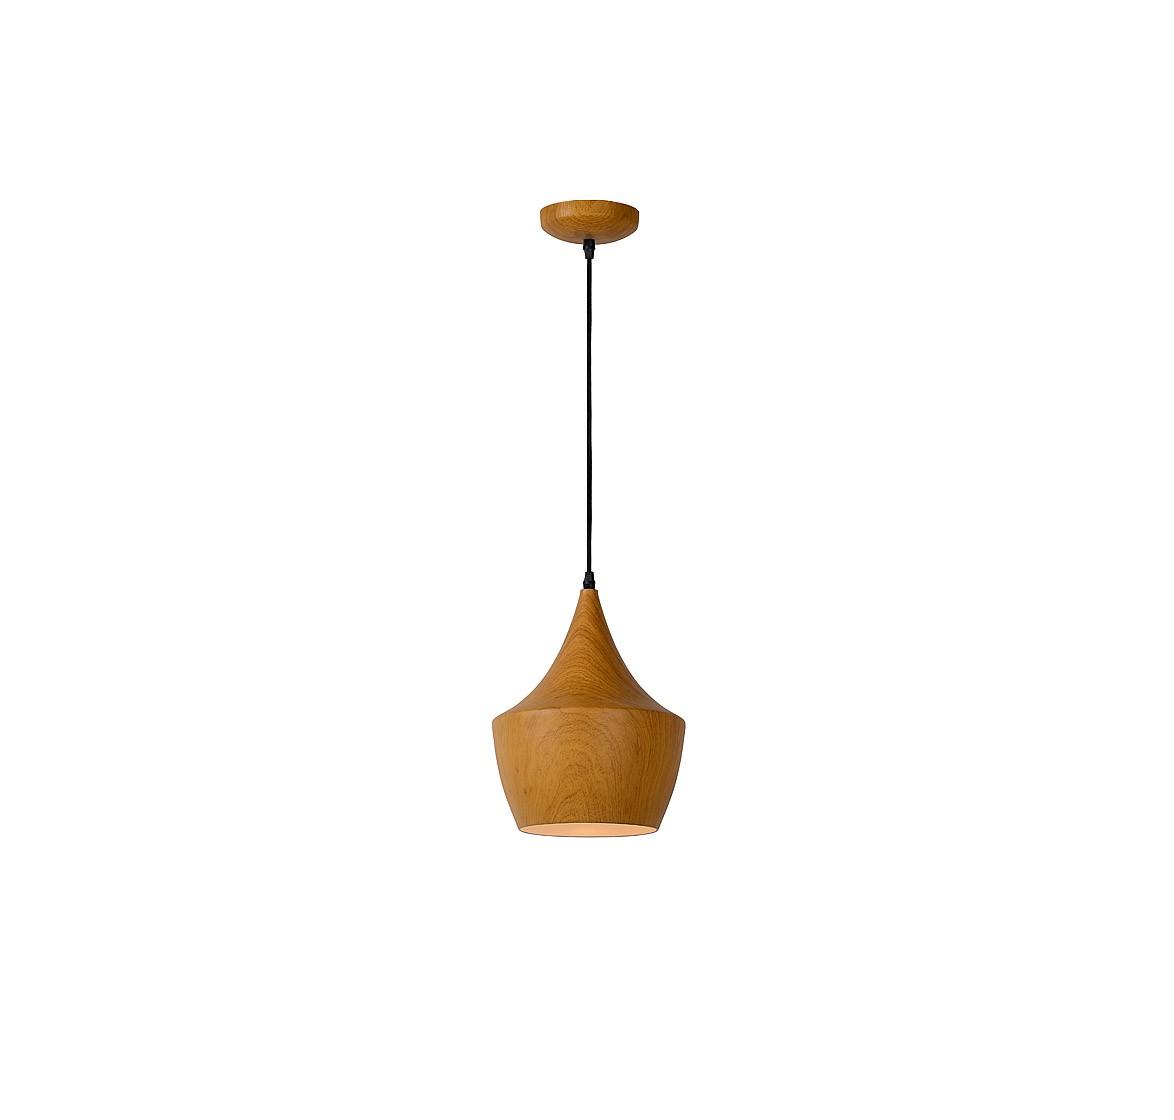 Подвесной светильник WOODYПодвесные светильники<br>основание: металл/принт дерева<br>плафон: металл/принт дерева<br>диаметр: 24 см<br>высота: 130 см<br>E27, 60W,1 лампочка (в комплект не входит)<br><br>Material: Металл<br>Высота см: 130.0